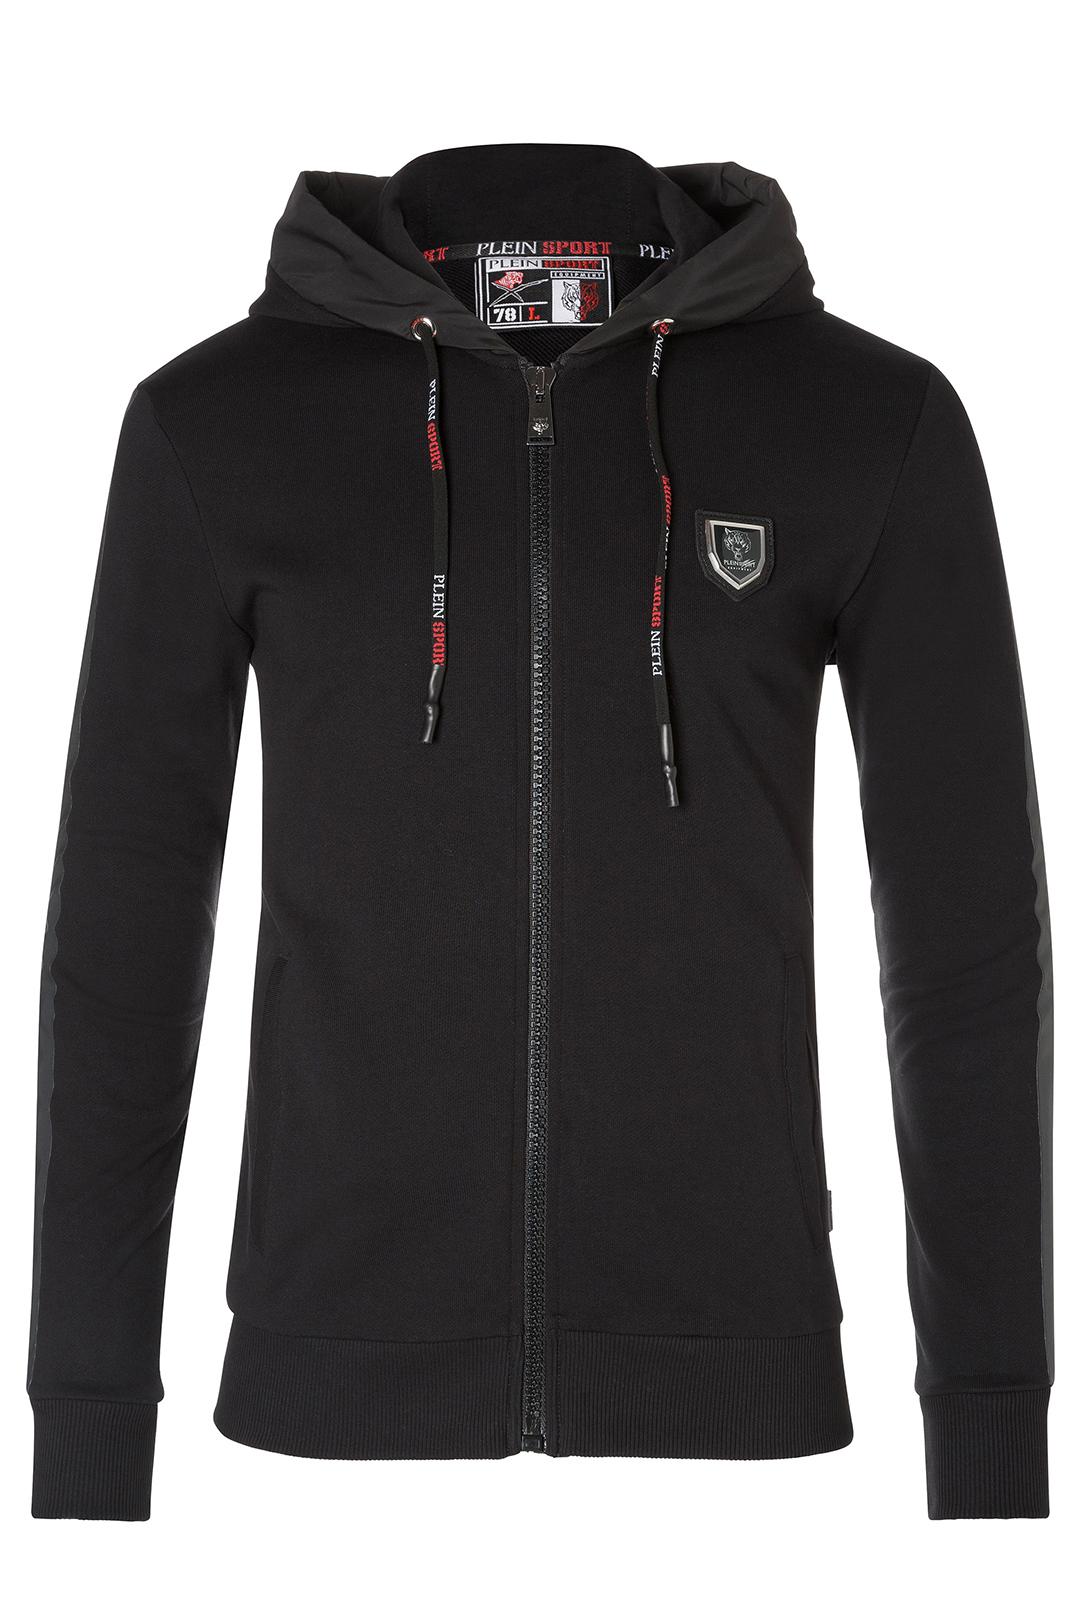 Vestes sport/streetwear  Plein Sport F17C MJB0143 02 BLACK